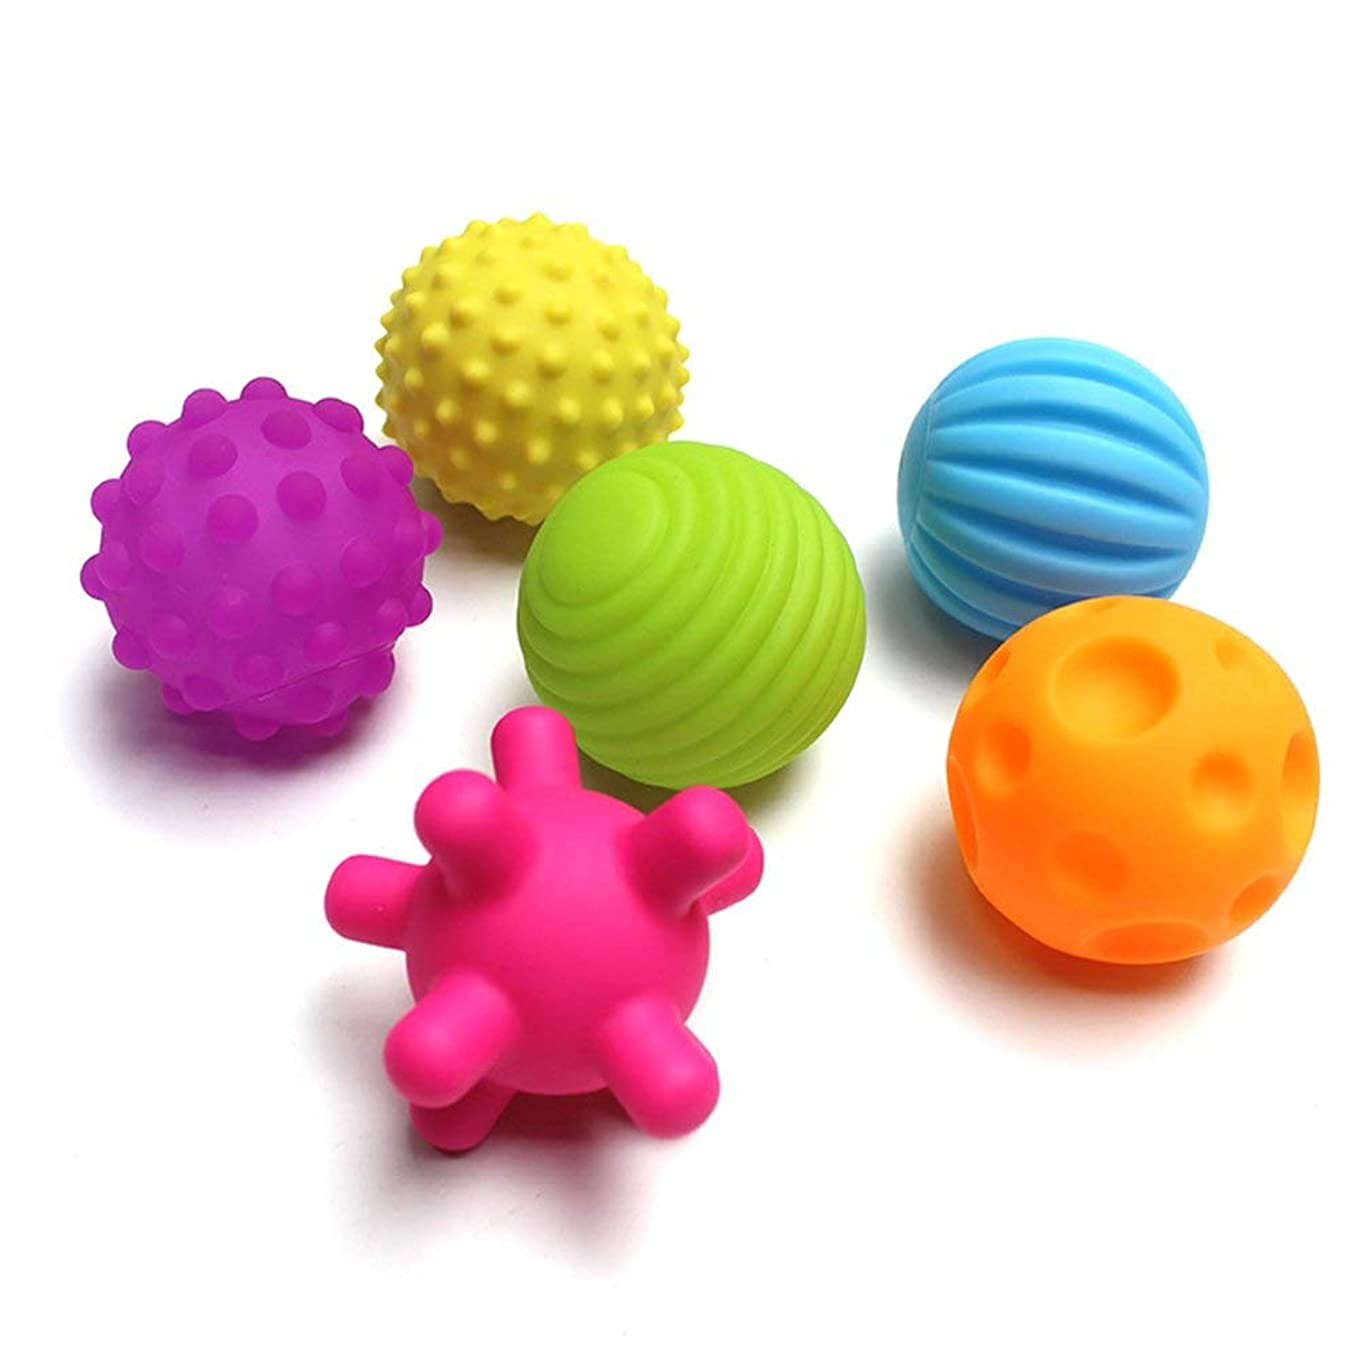 KONIG KIDS Textured Multi Sensory Ball Set